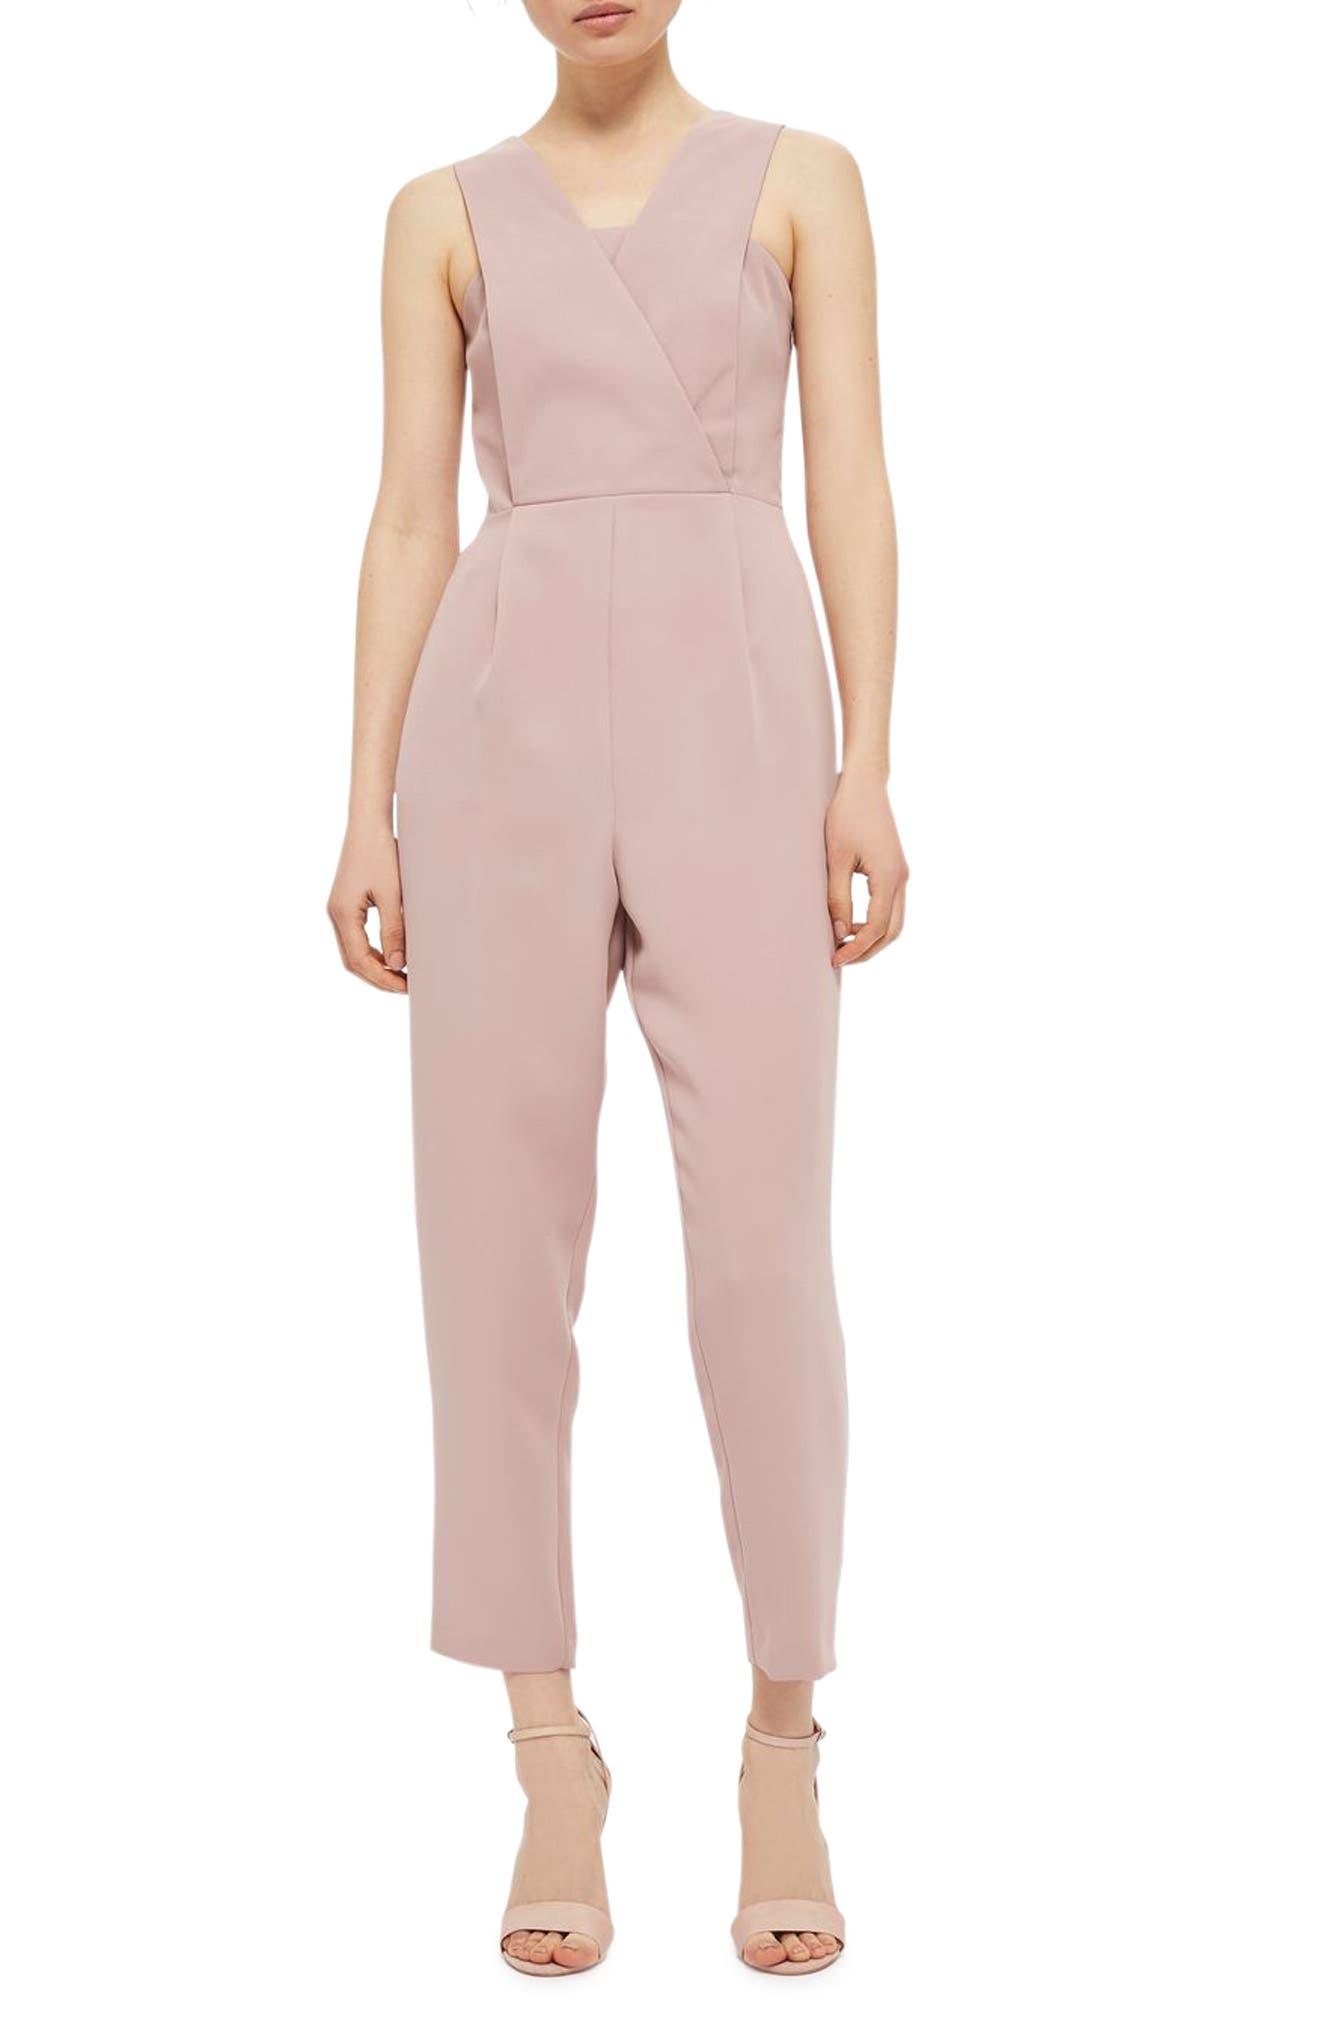 Topshop Roxy Jumpsuit